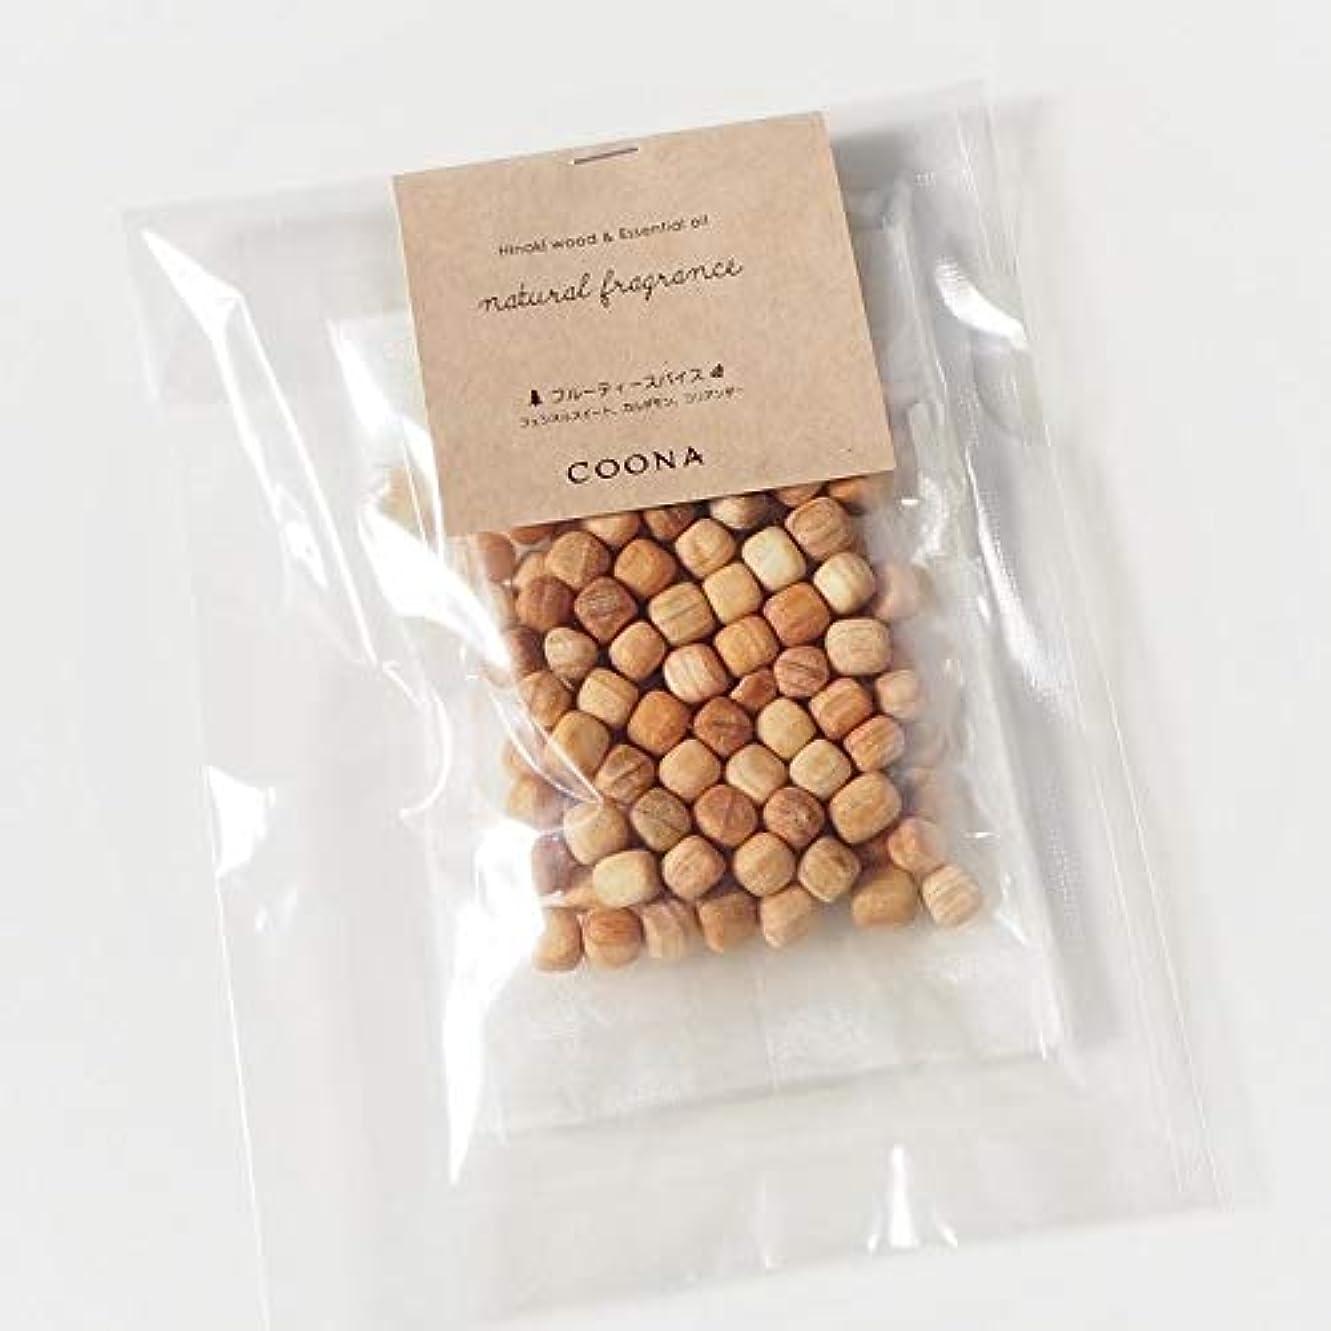 変化するプロテスタント治世ヒノキ ウッド& エッセンシャルオイル ナチュラルフレグランス (オーガンジーバッグ付き, 樹の香り)